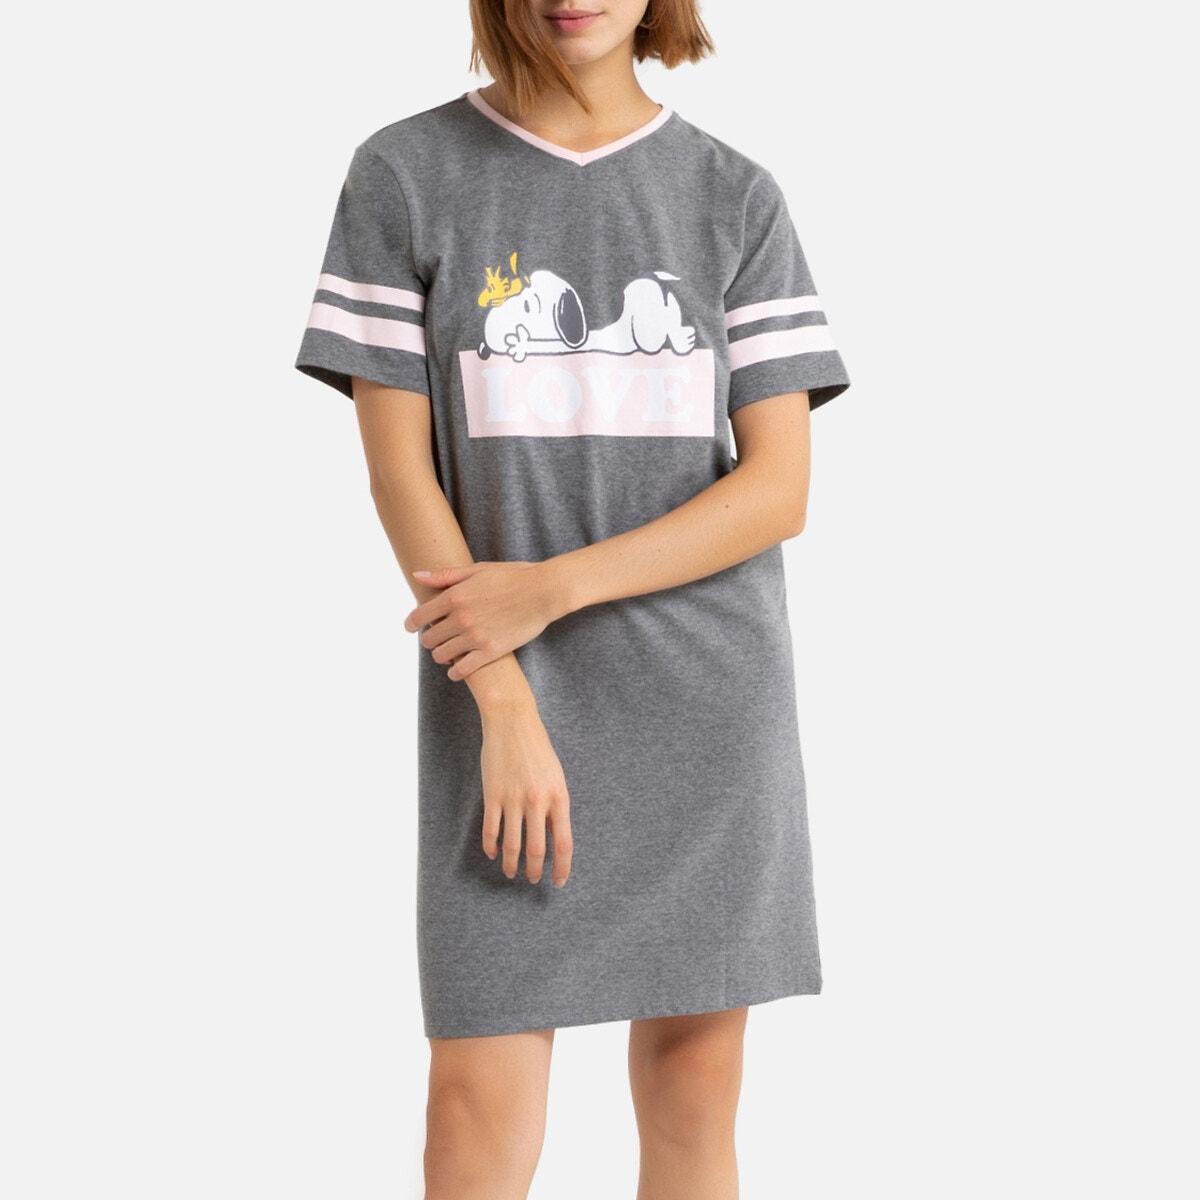 Snoopy - Νυχτικό σε γραμμή T-shirt 350178682 - 3904